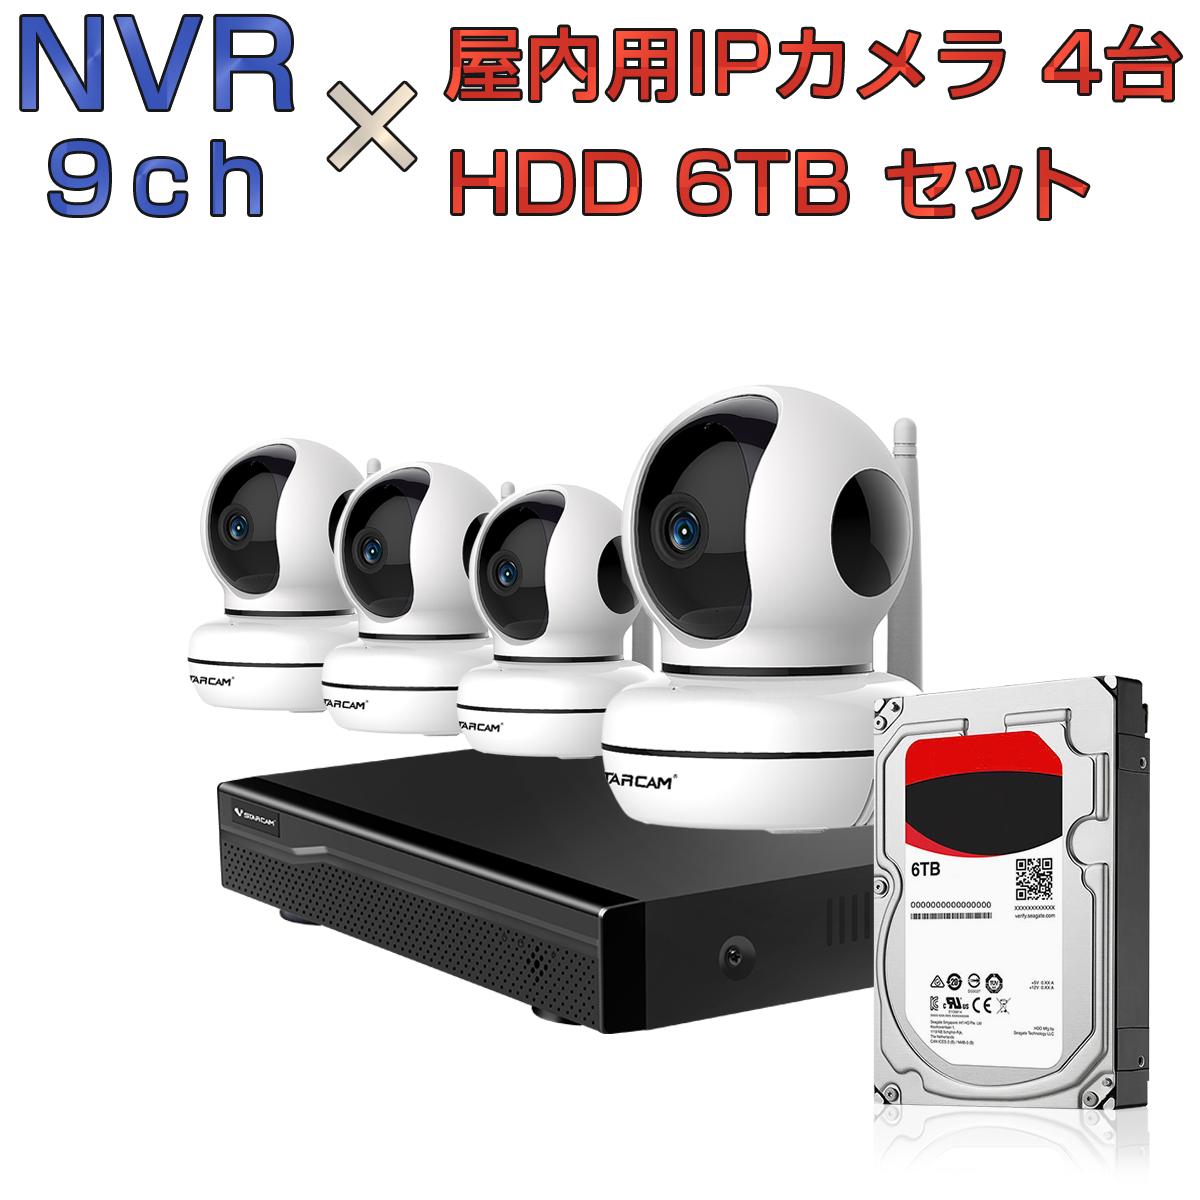 NVR ネットワークビデオレコーダー 9ch HDD6TB内蔵 C46S 2K 1080P 200万画素カメラ 4台セット IP ONVIF形式 スマホ対応 遠隔監視 1080P FHD 動体検知 同時出力 録音対応 H.265+ IPカメラレコーダー監視システム 宅配便送料無料 1年保証